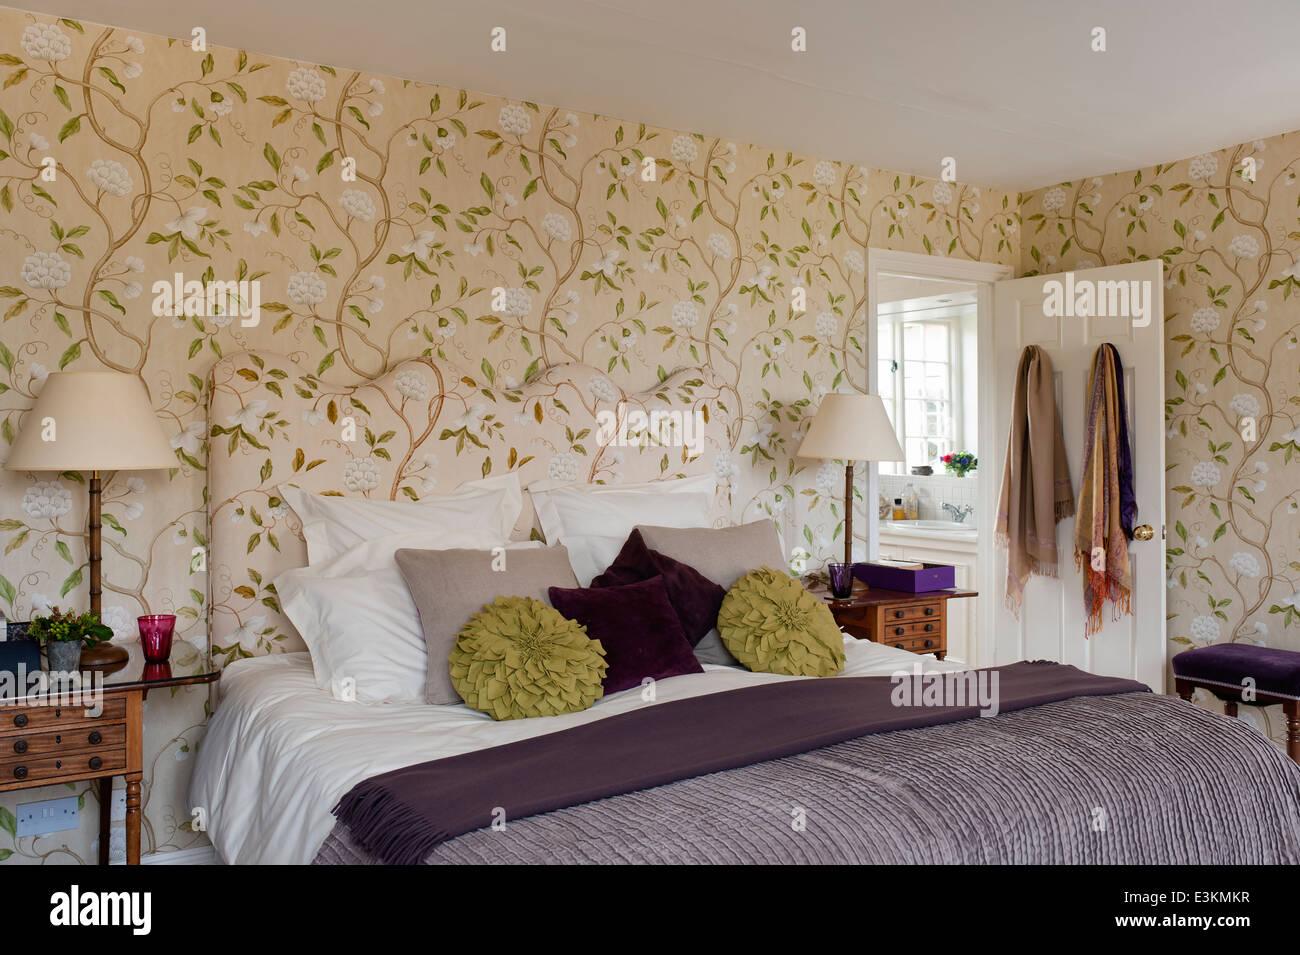 Wand Tapezieren Schlafzimmer Mit Doppelbett Stockfoto Bild